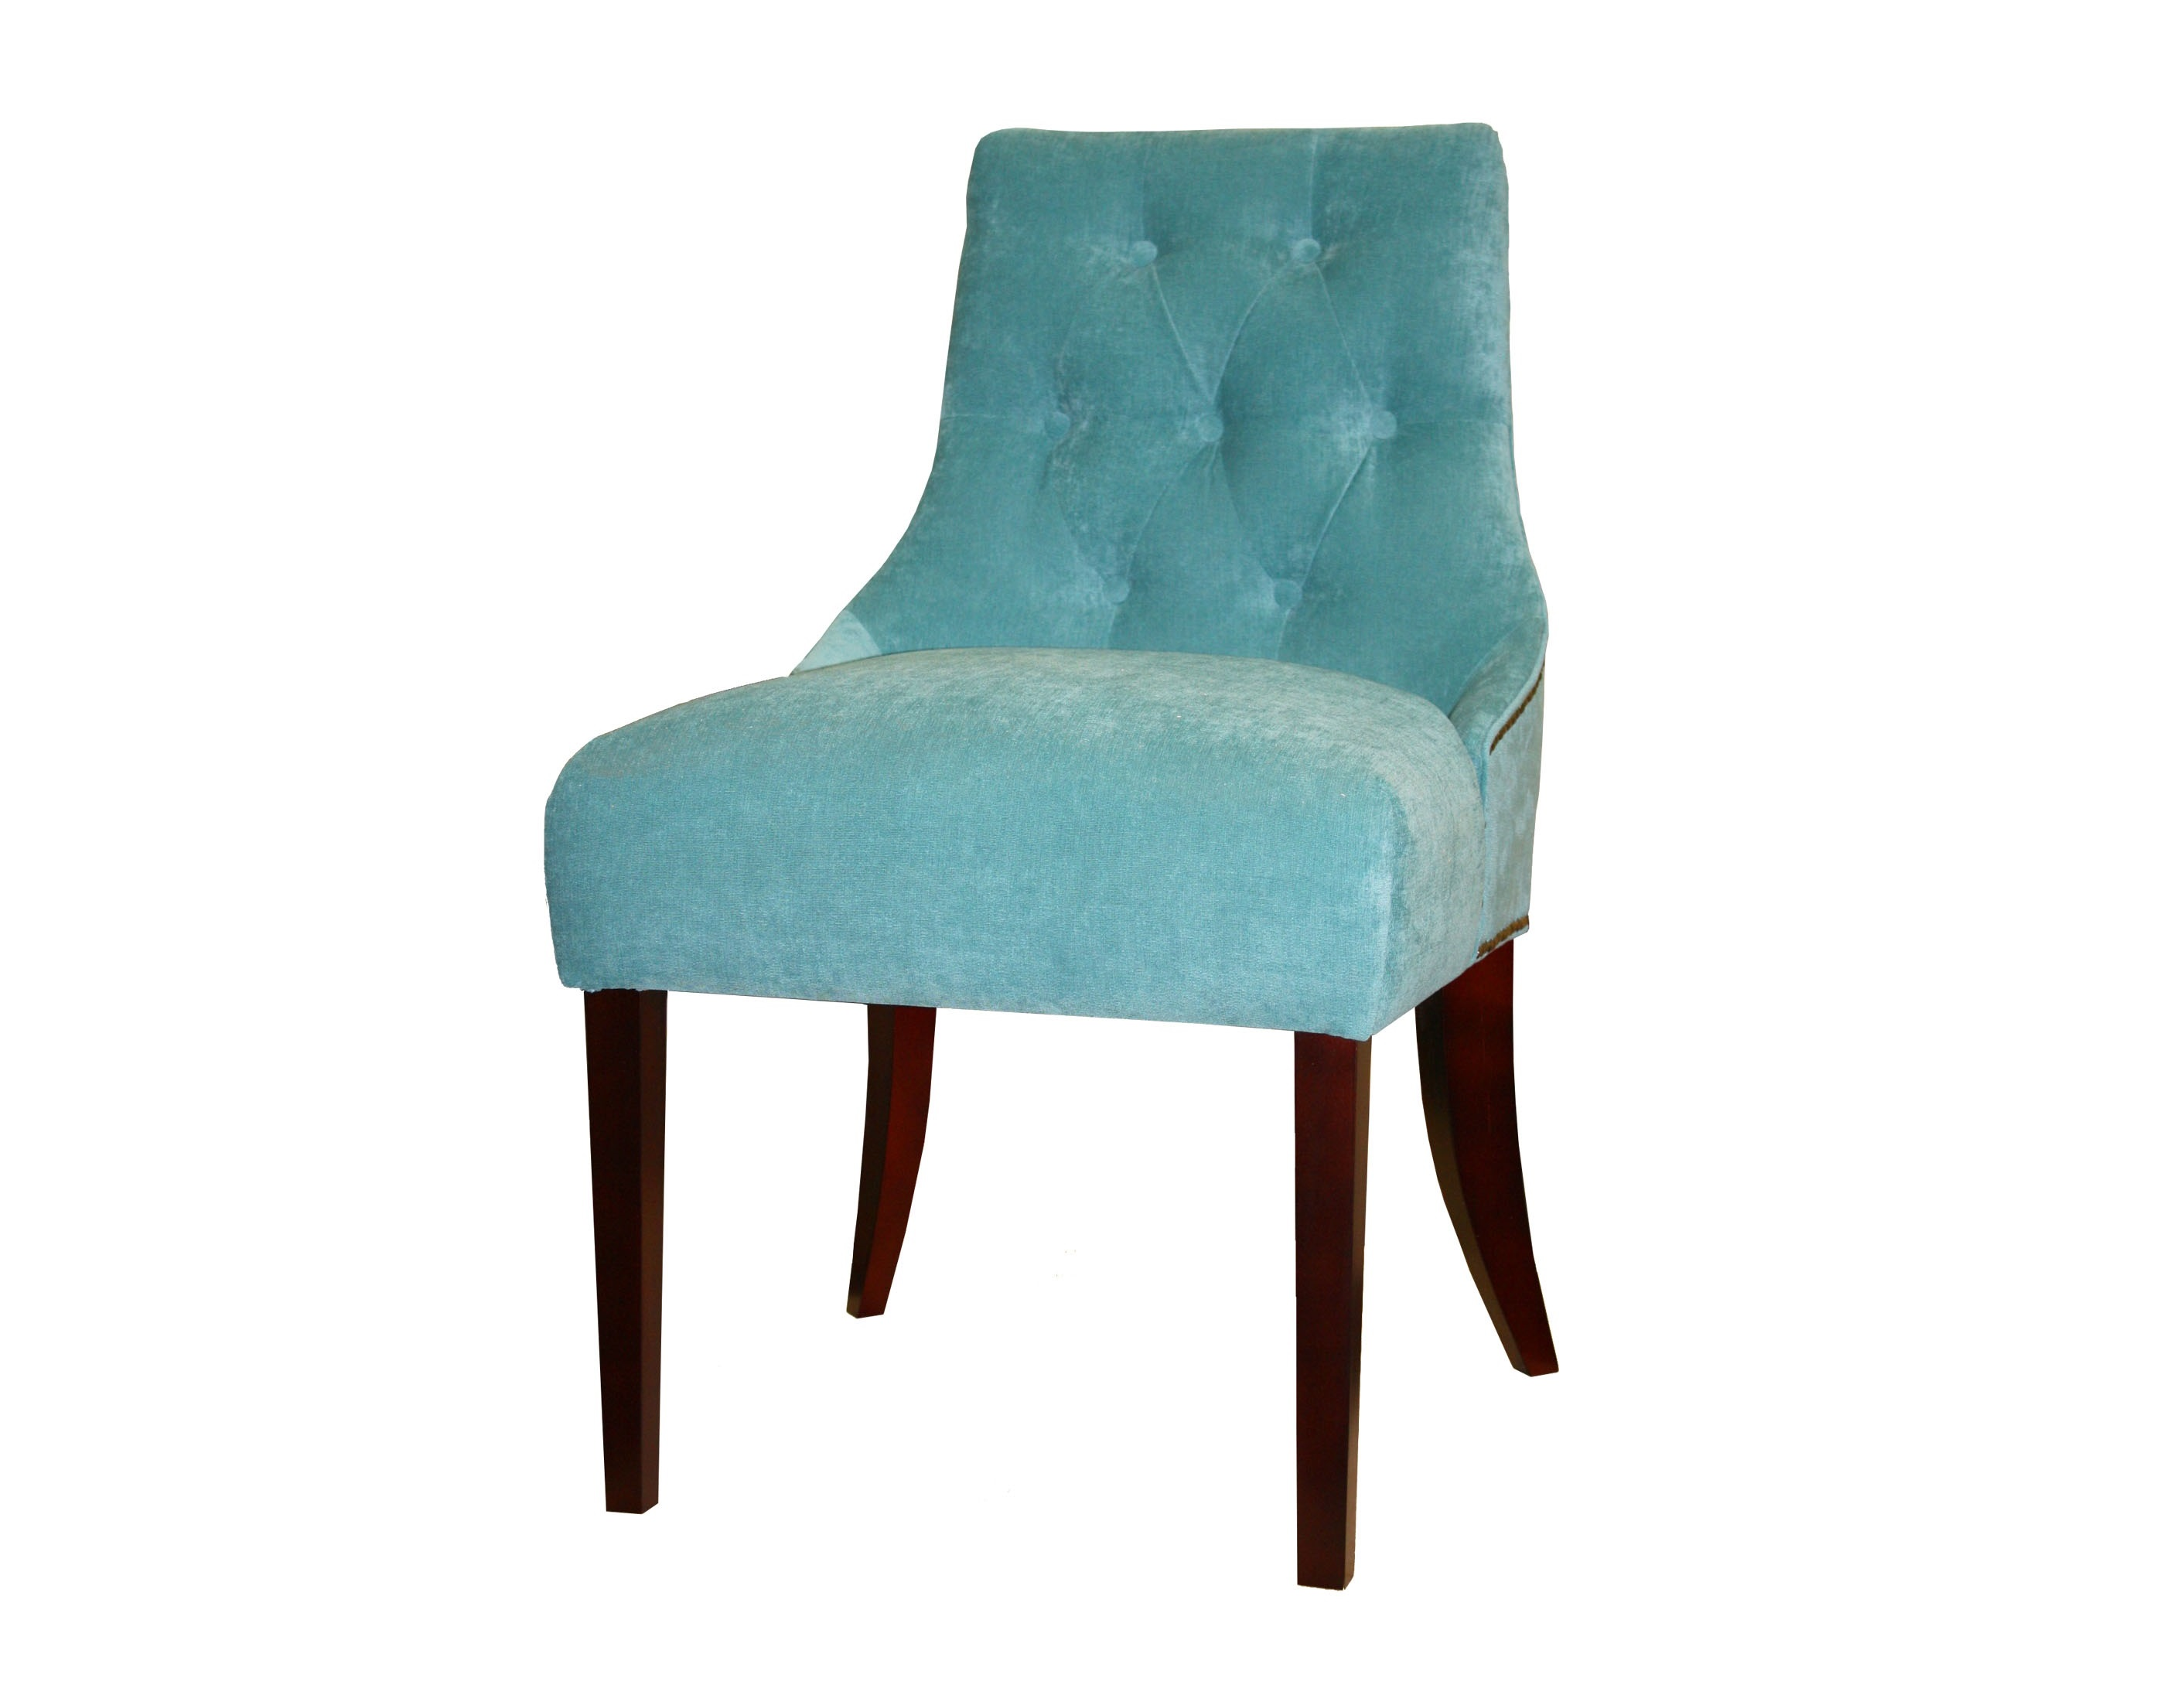 Стул МессиноПолукресла<br>Такие стулья без подлокотников просто необходимы, если в столовой стоит круглый стол – их можно поставить вплотную друг к другу. Это выглядит органично и экономит пространство. Спинка изнутри украшена стежкой капитоне, снаружи – гвоздиками цвета старого золота. Изящные ножки выточены из массива бука, в основании каждой – фетровый подпятник, чтобы мебель передвигалась бесшумно.<br><br>Material: Текстиль<br>Width см: 63<br>Depth см: 56<br>Height см: 95